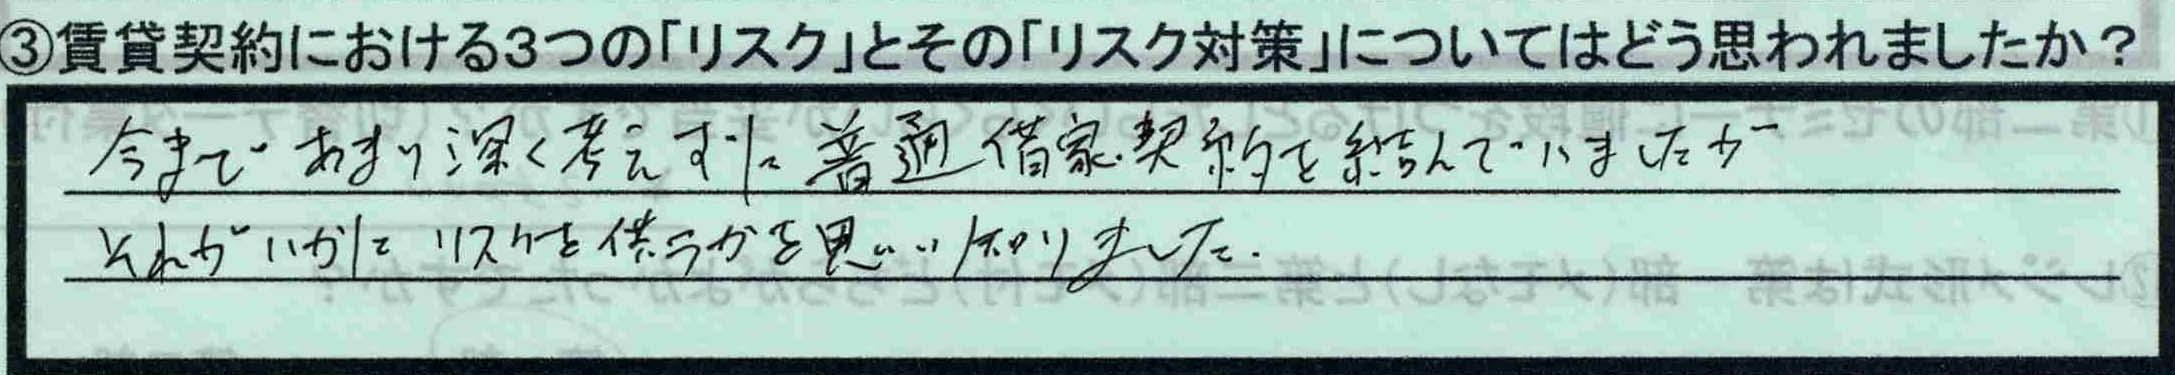 【栃木県宇都宮市】【小野智也さん】【リスク対策について?】